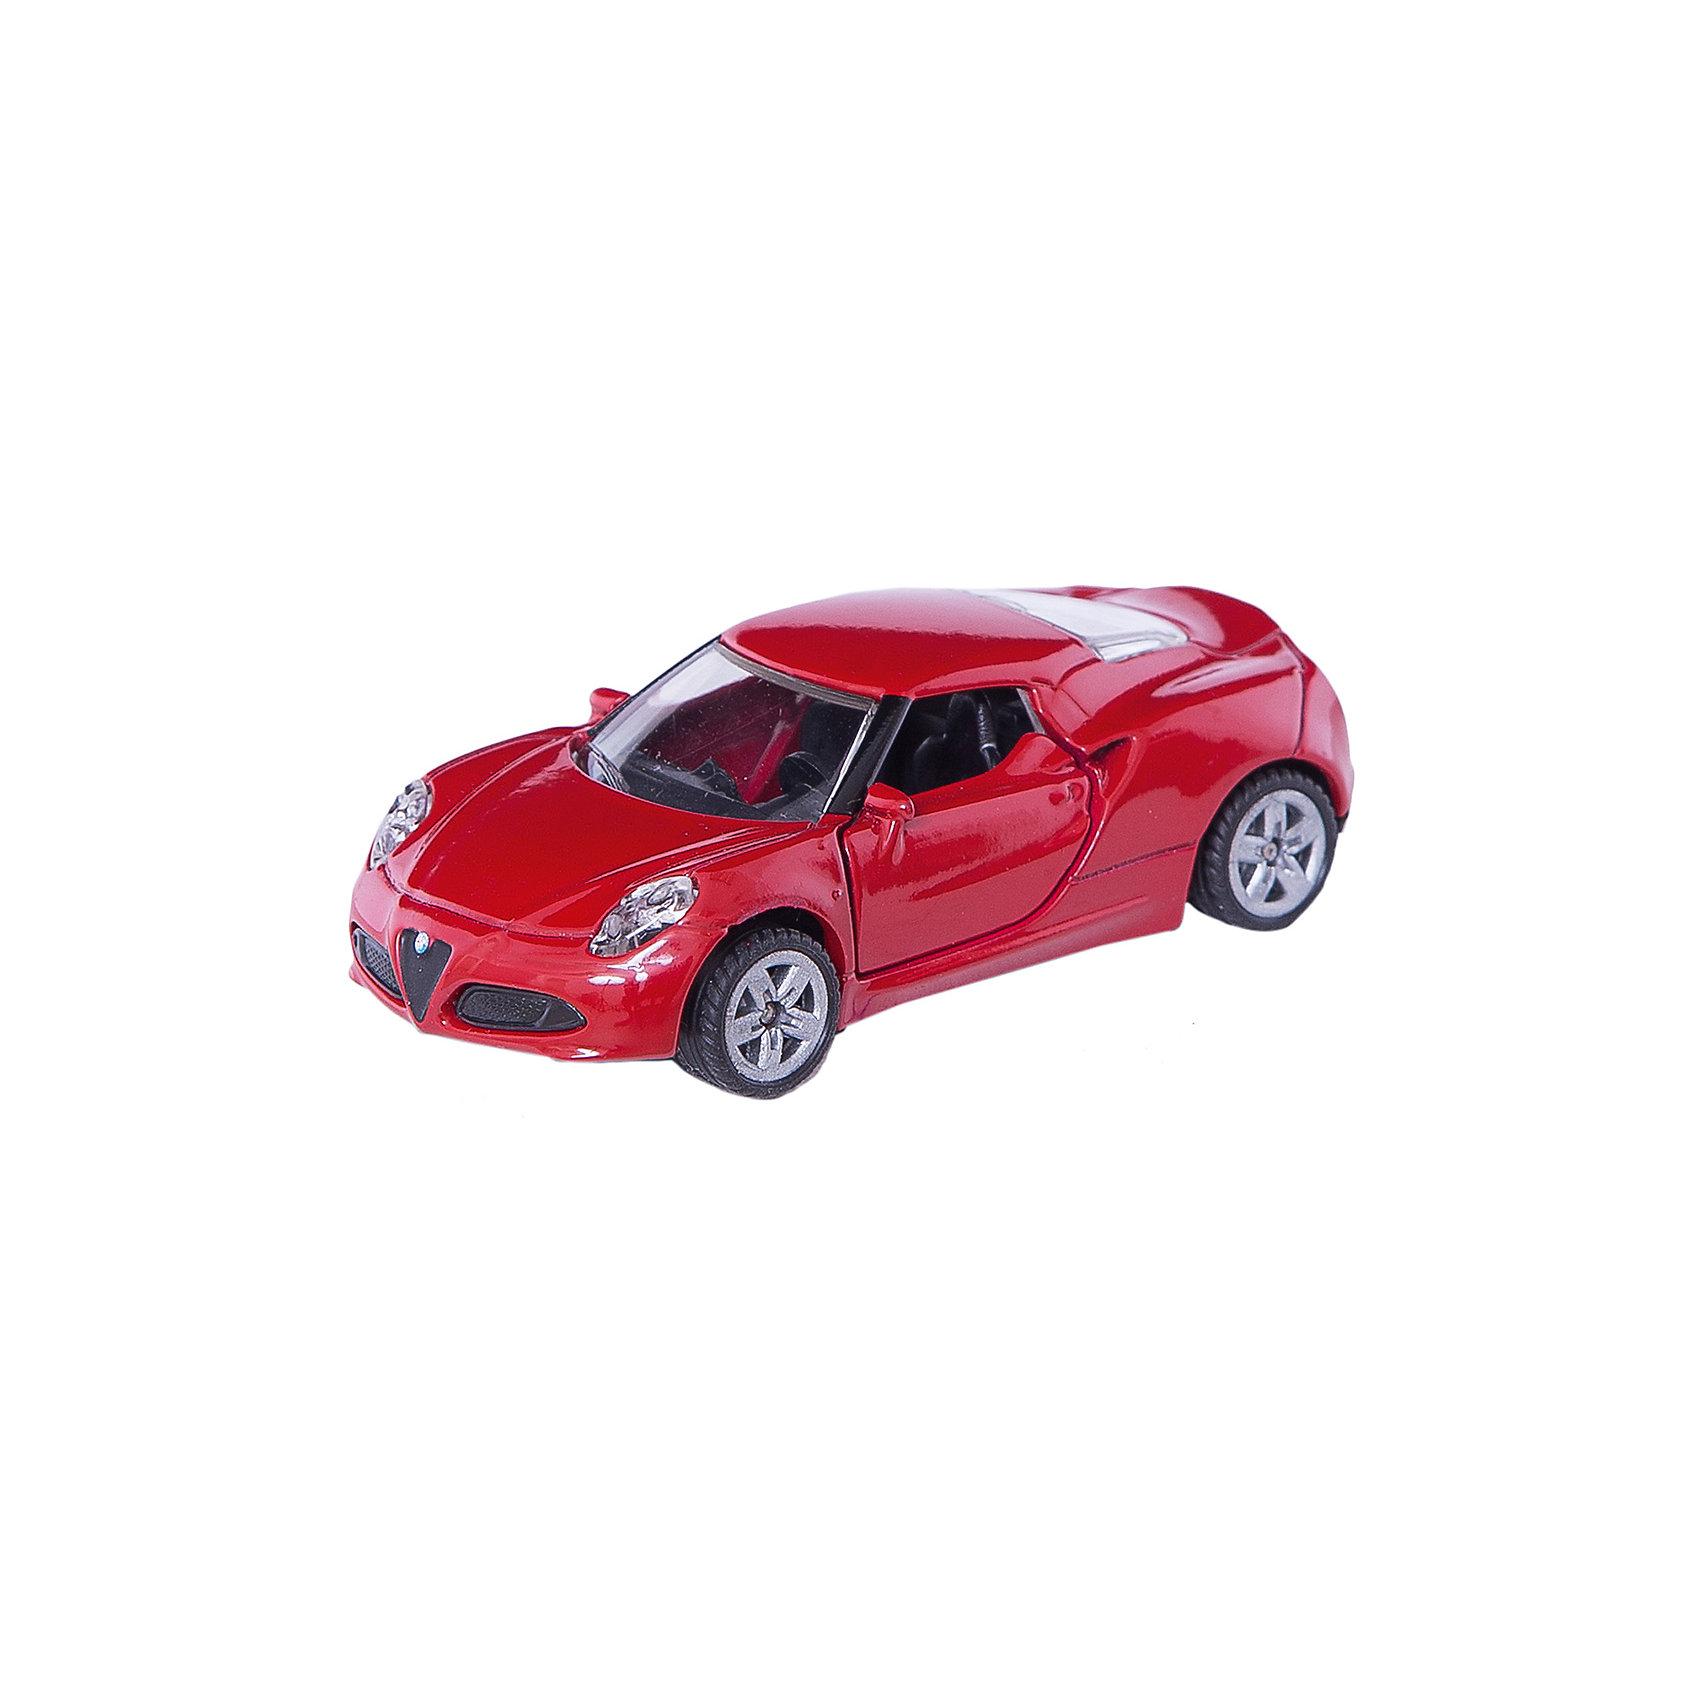 SIKU 1451 Альфа Ромео 4cМашина Альфа Ромео 4c, Siku, станет замечательным подарком для автолюбителей всех возрастов. Модель представляет из себя реалистичную копию популярного спорткара Альфа Ромео 4c и отличается высокой степенью детализации и тщательной проработкой всех элементов. Стильная машинка ярко-красного цвета оснащена прозрачными лобовыми стеклами, в салоне можно увидеть сиденья и руль, двери открываются, спереди и сзади пластиковые фары. Колеса вращаются, широкие шины оборудованы спортивными колесными дисками. Корпус модели обтекаемой формы выполнен из металла, детали изготовлены из ударопрочной пластмассы.<br><br>Дополнительная информация:<br><br>- Материал: металл, пластик.<br>- Масштаб: 1:55.<br>- Размер машинки: 7,8 x 9,7 x 3,8 см.<br>- Вес: 59 гр.<br><br>1451 Альфа Ромео 4c, Siku, можно купить в нашем интернет-магазине.<br><br>Ширина мм: 96<br>Глубина мм: 78<br>Высота мм: 40<br>Вес г: 59<br>Возраст от месяцев: 36<br>Возраст до месяцев: 96<br>Пол: Мужской<br>Возраст: Детский<br>SKU: 3716514